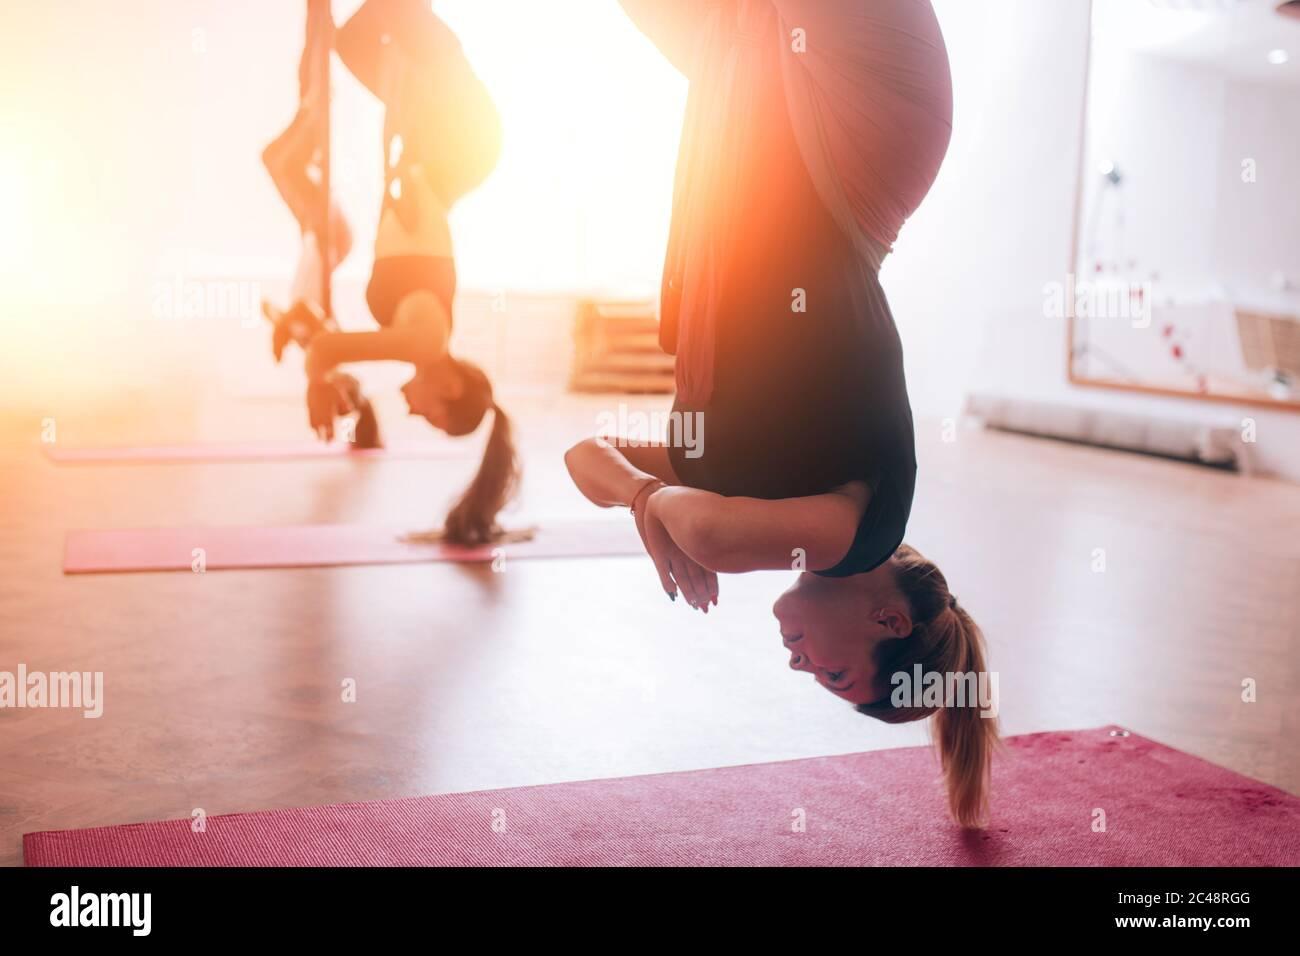 Belle ragazze giovani che fanno yoga mosca su amache, allungando la schiena e la parte inferiore della schiena, assistenza sanitaria Foto Stock